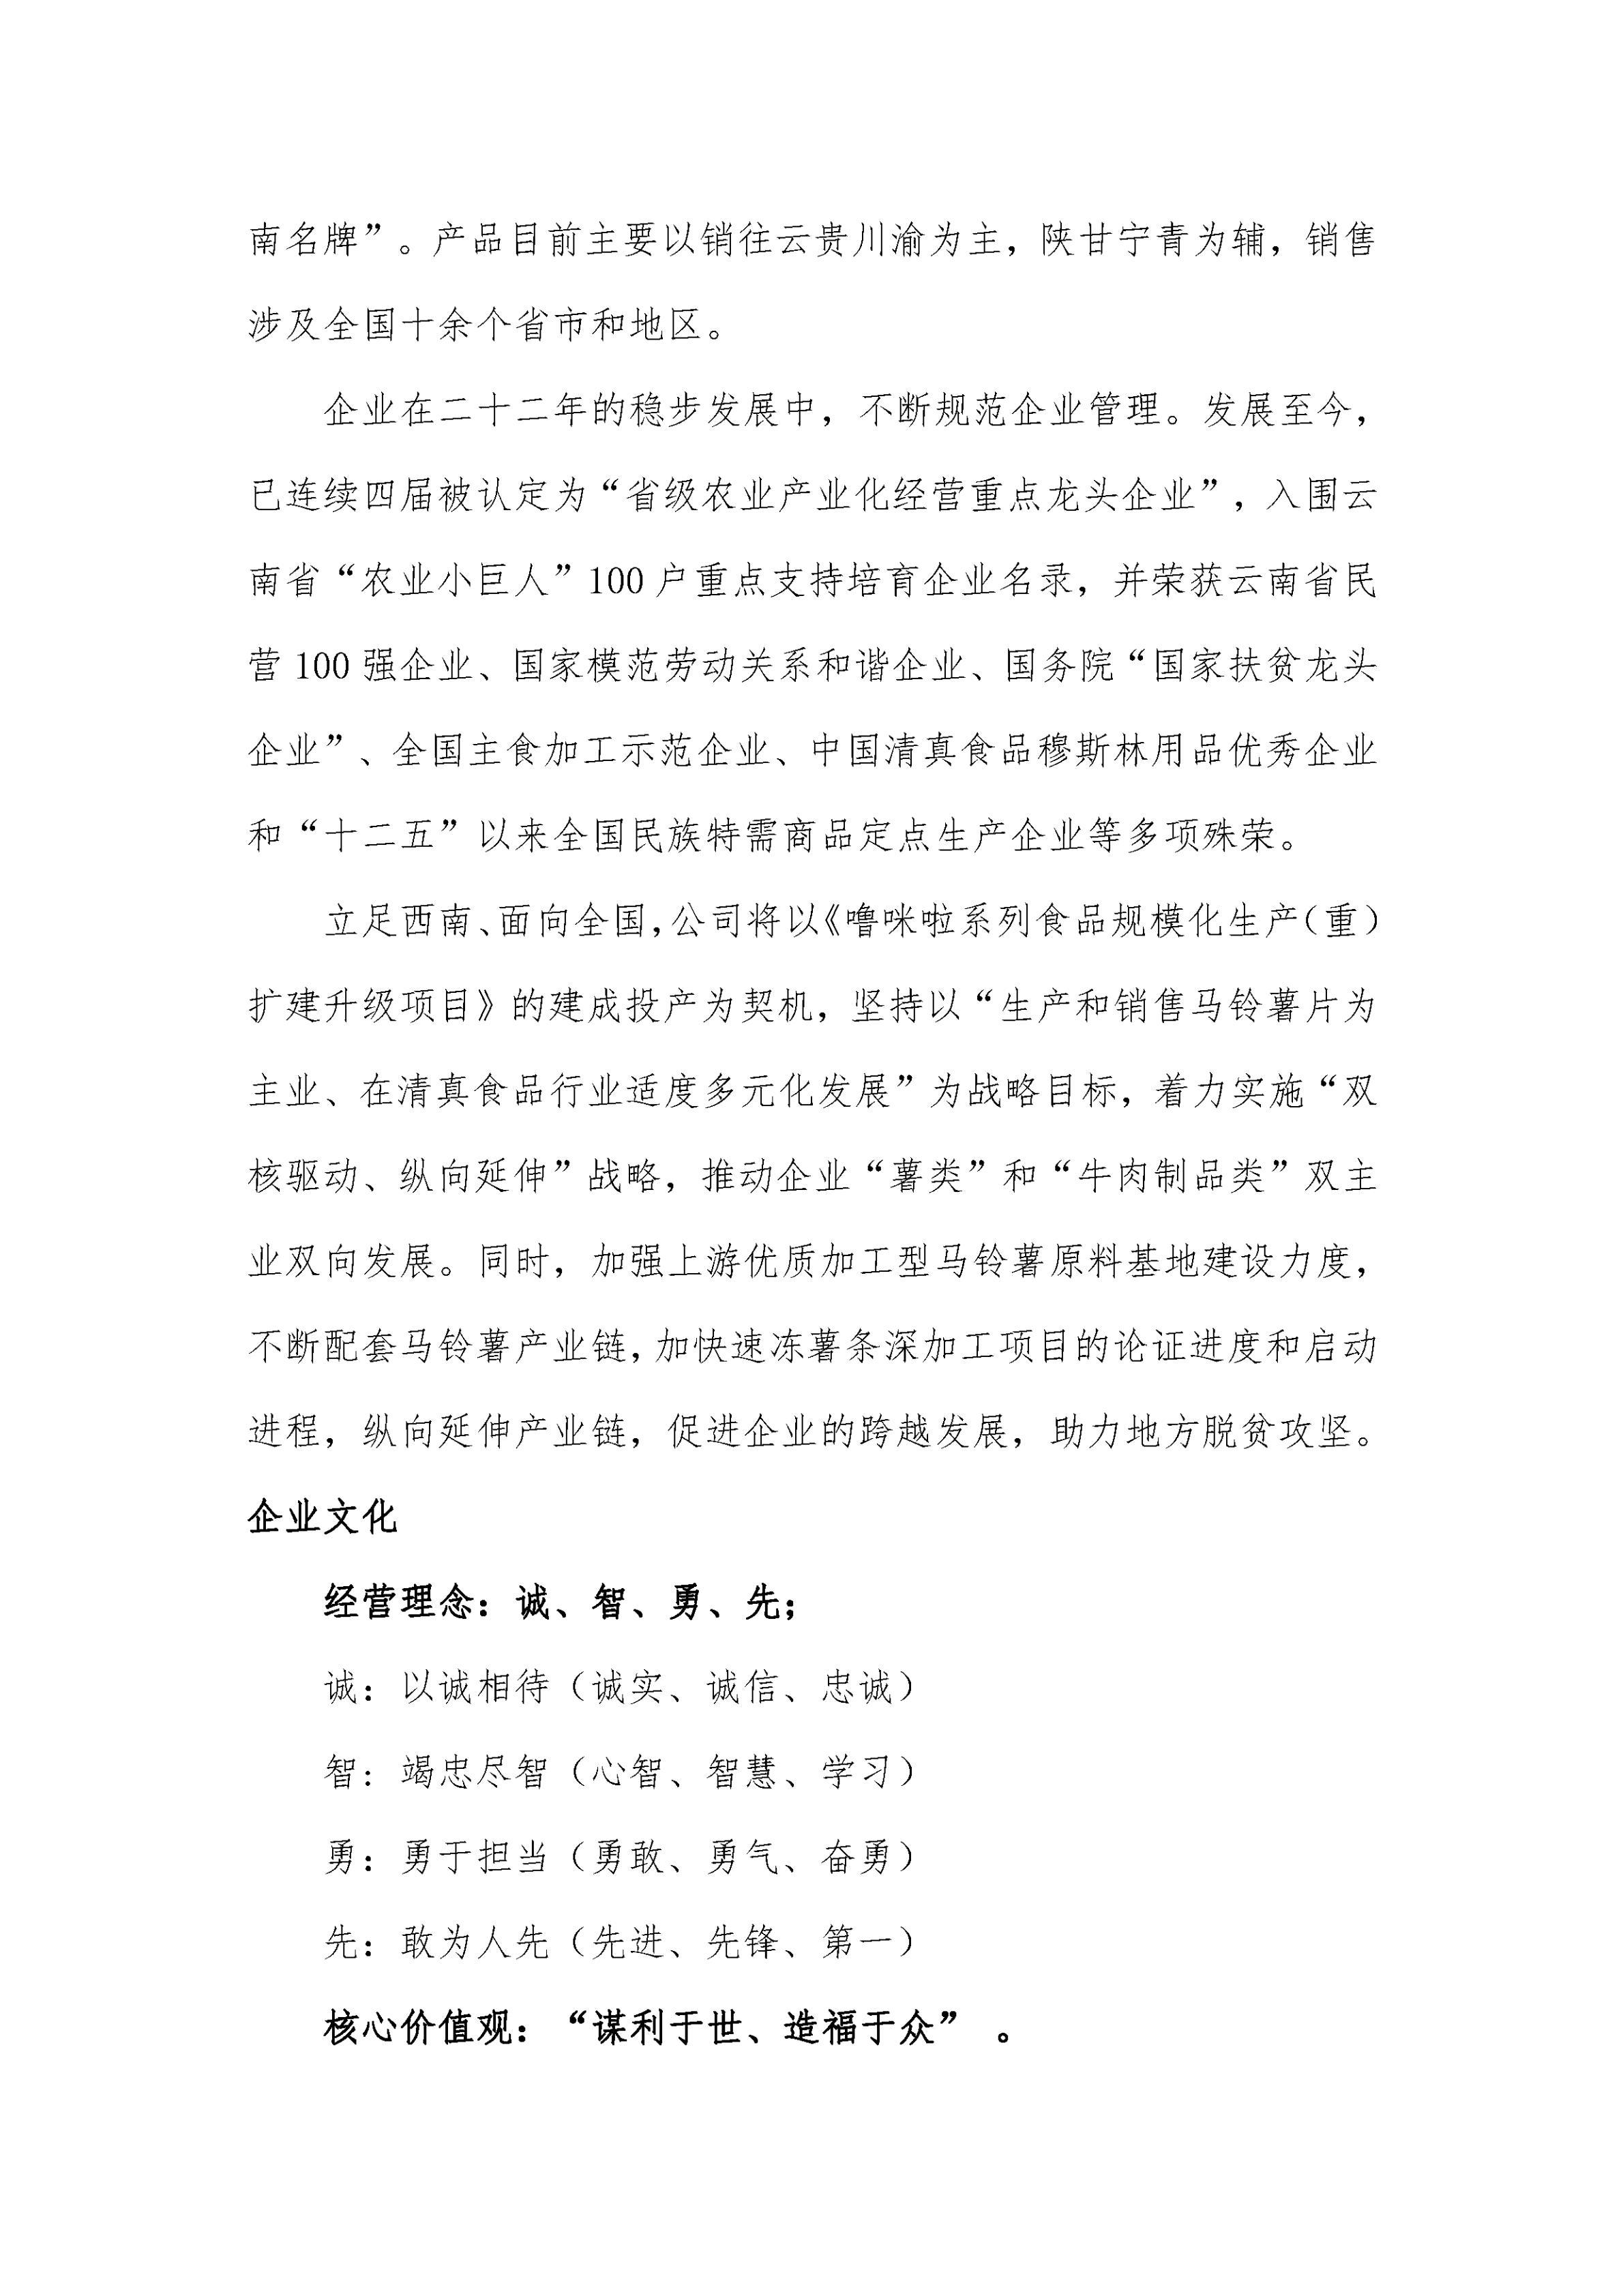 云南理世實業(集團)有限責任公司2018年社會責任報告.FR11_04.jpg